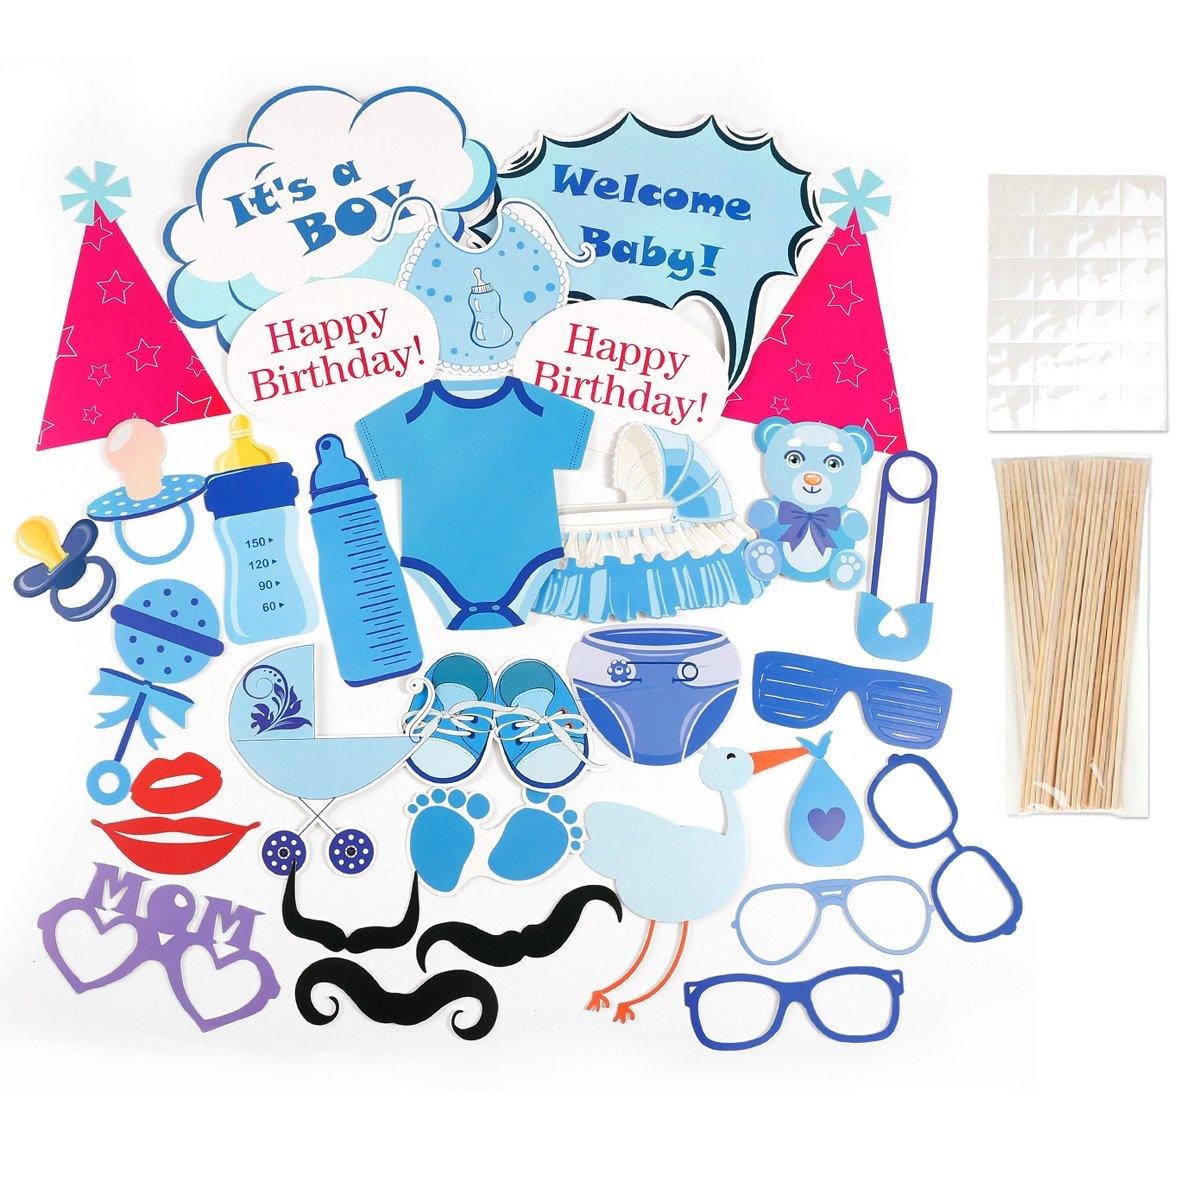 CLE DE TOUS - Pack de 31 piezas Photocall para Bautizo Fiesta Nacimiento Baby Showers Cumpleaño Set Decorativo Cartulinas para fotografías (Azul para ...